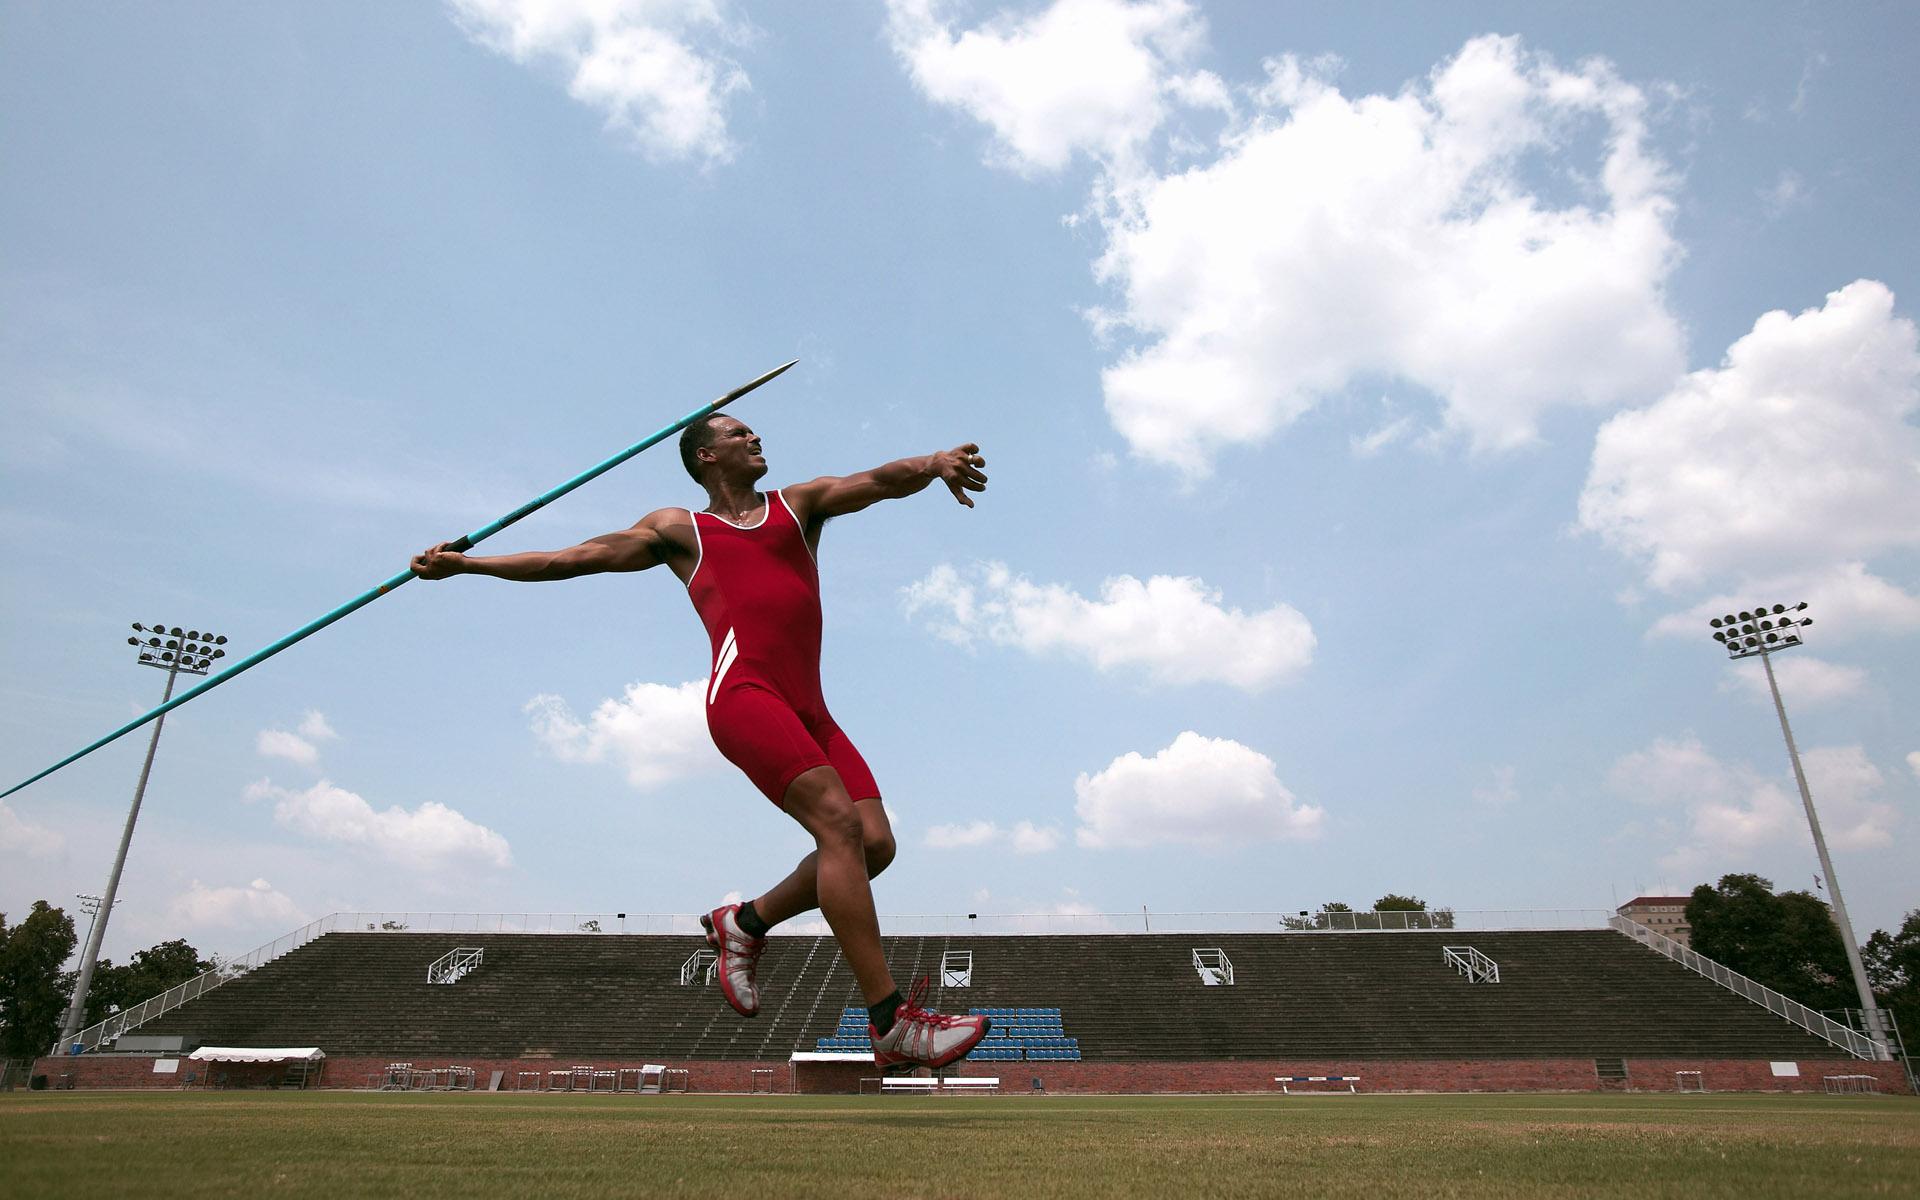 田径运动场运动员比赛矫健的身姿图片素材2(2